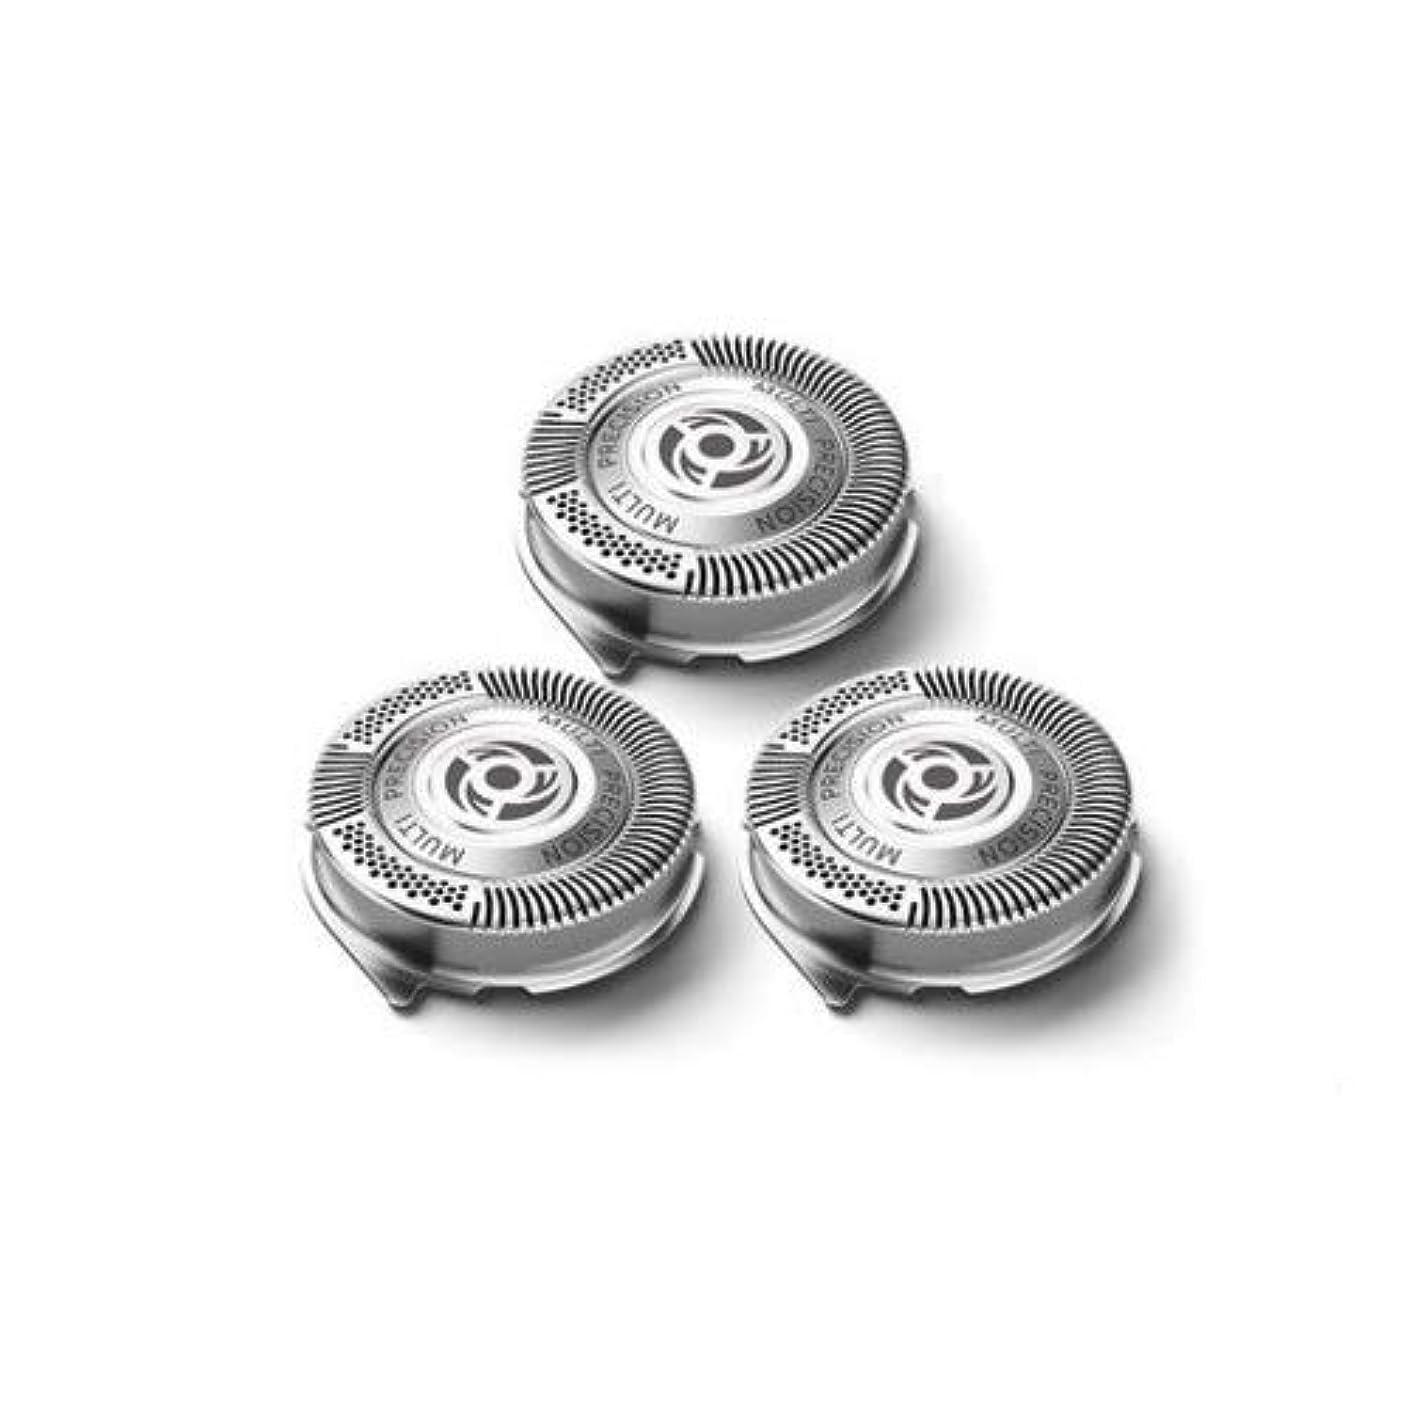 インフルエンザアストロラーベヘルシーシェーバーカミソリヘッド交換 替え刃 に適用するPhilips SH50 DualPrecisionヘッド(3個)